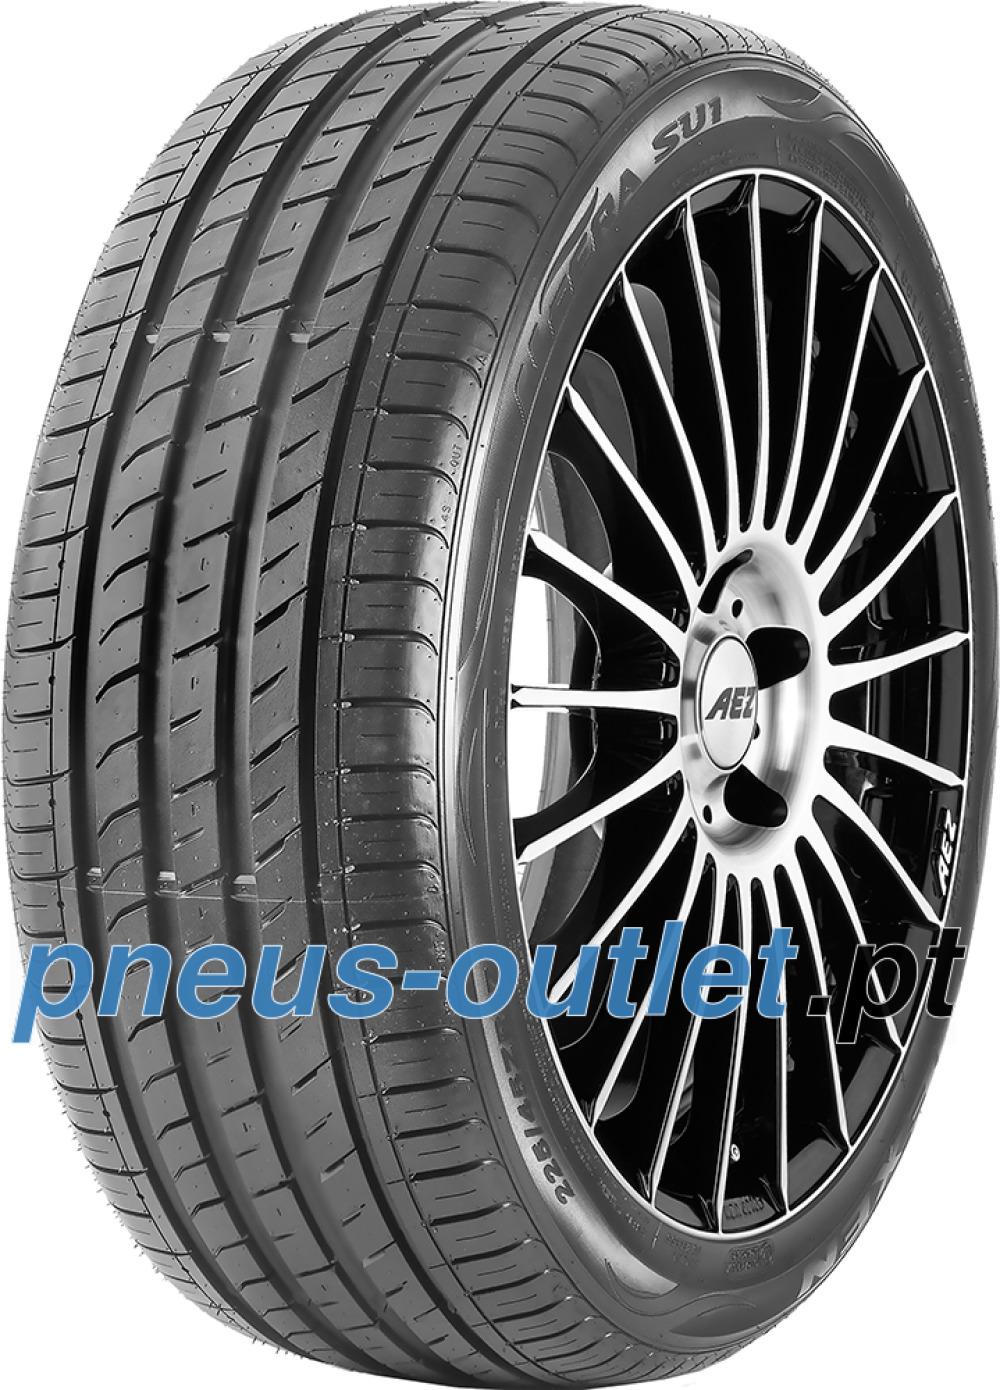 Nexen N Fera SU1 ( 225/40 R19 93Y XL 4PR RPB )